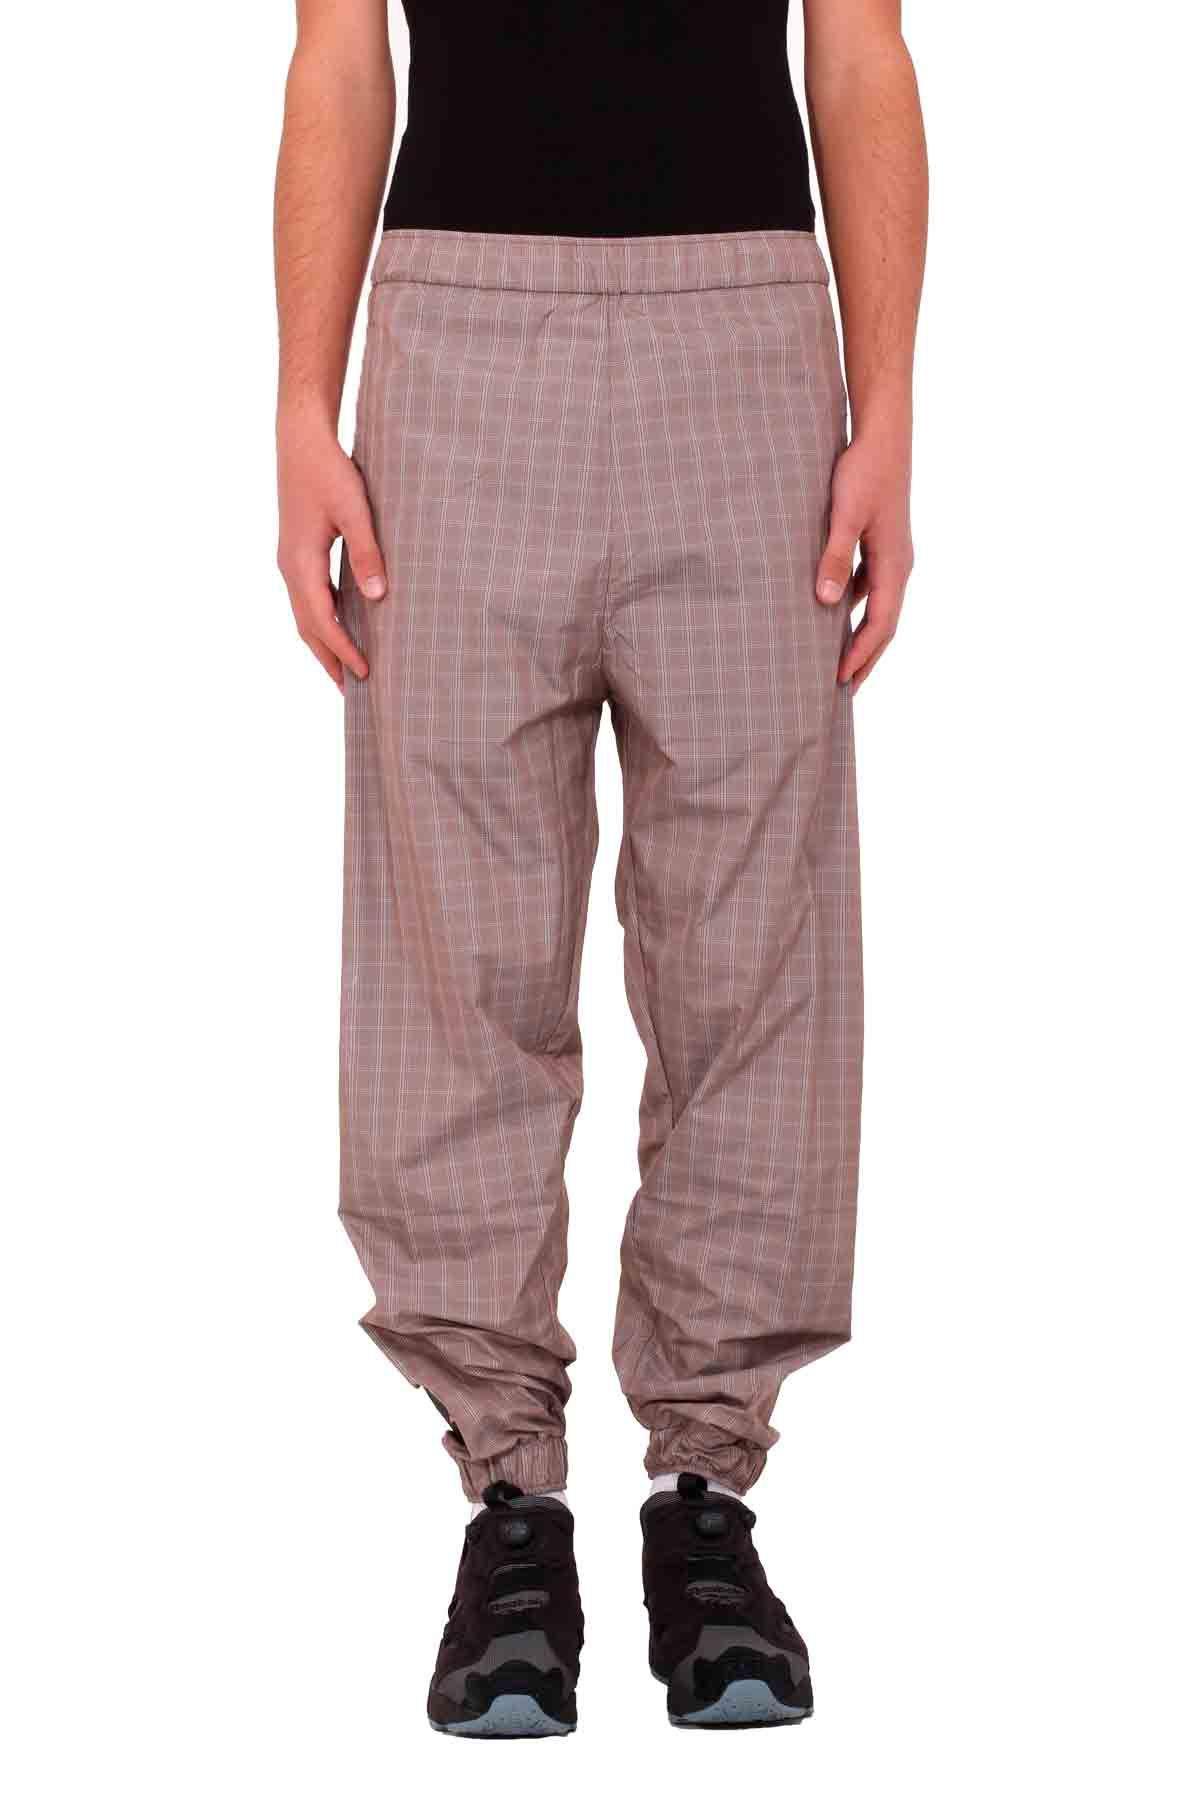 Basic Trouser Name Application